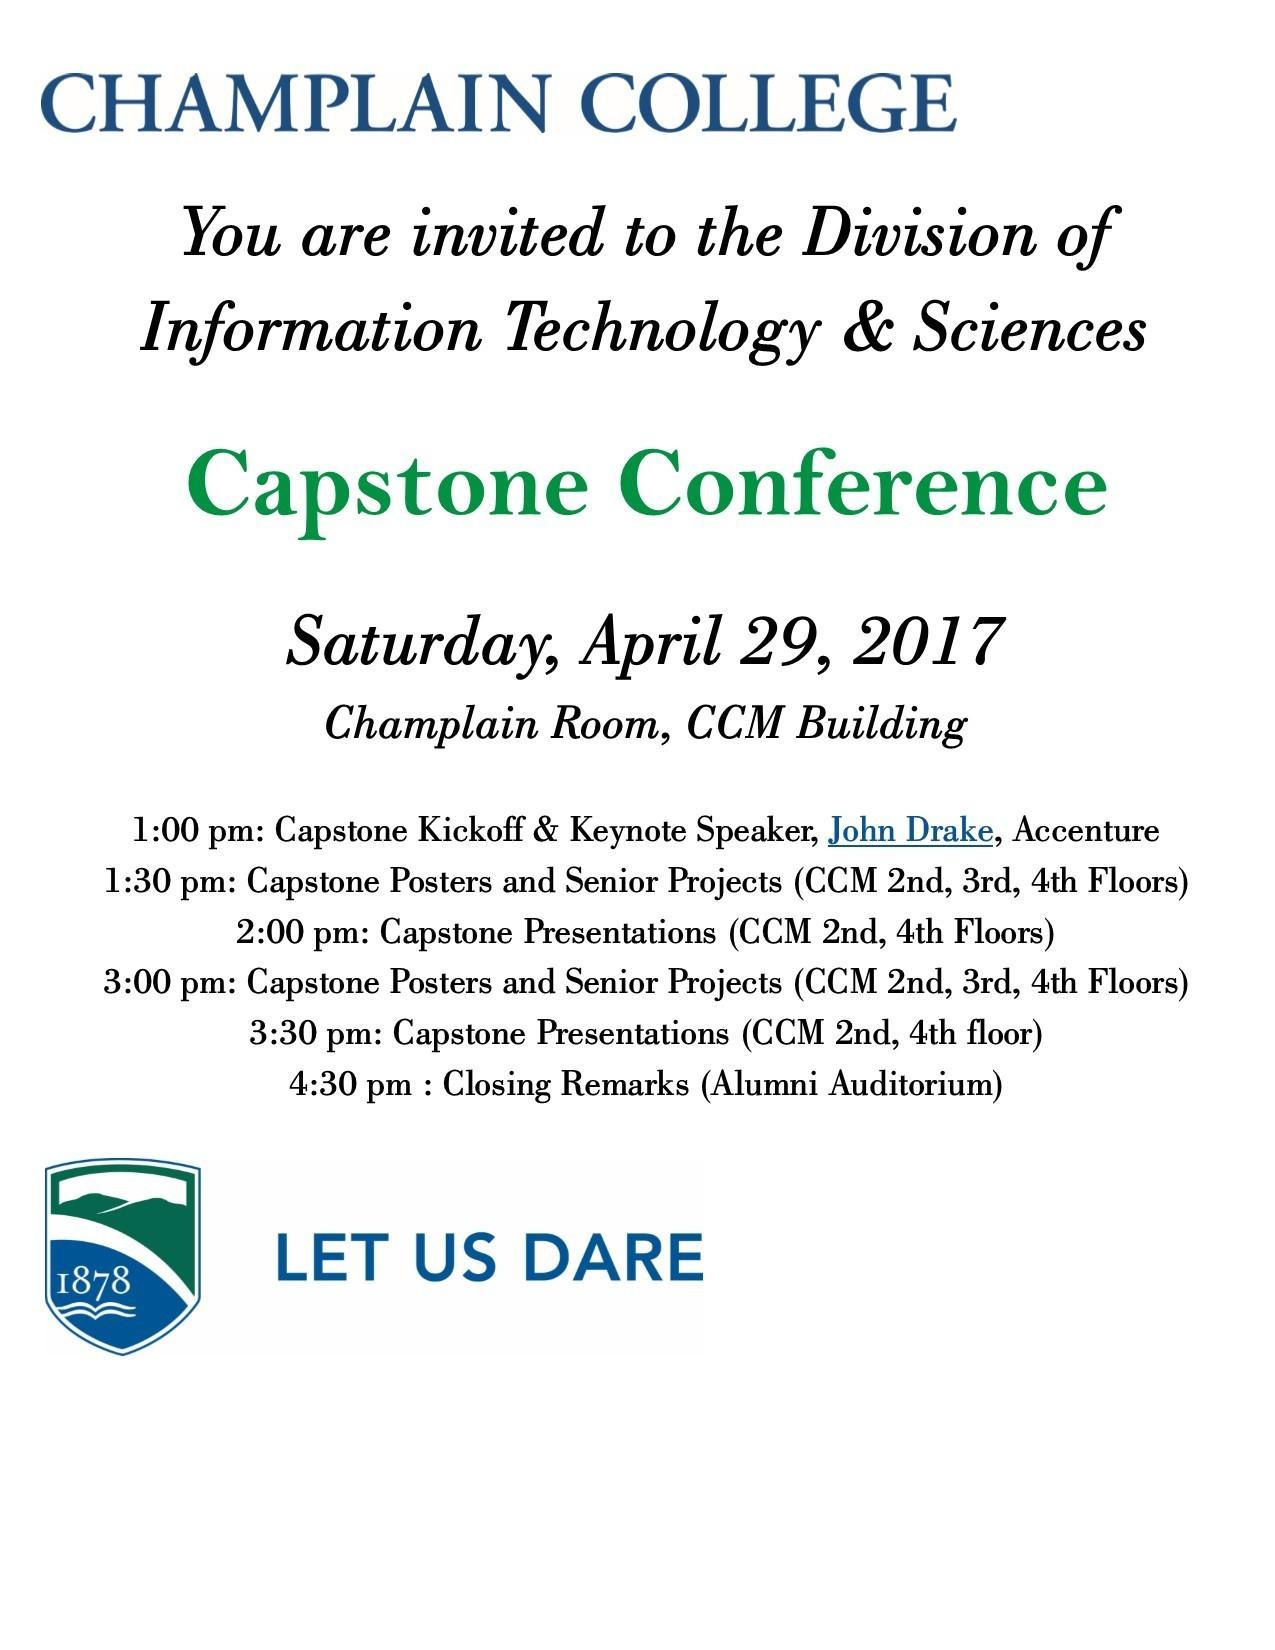 Capstone conference invite 2